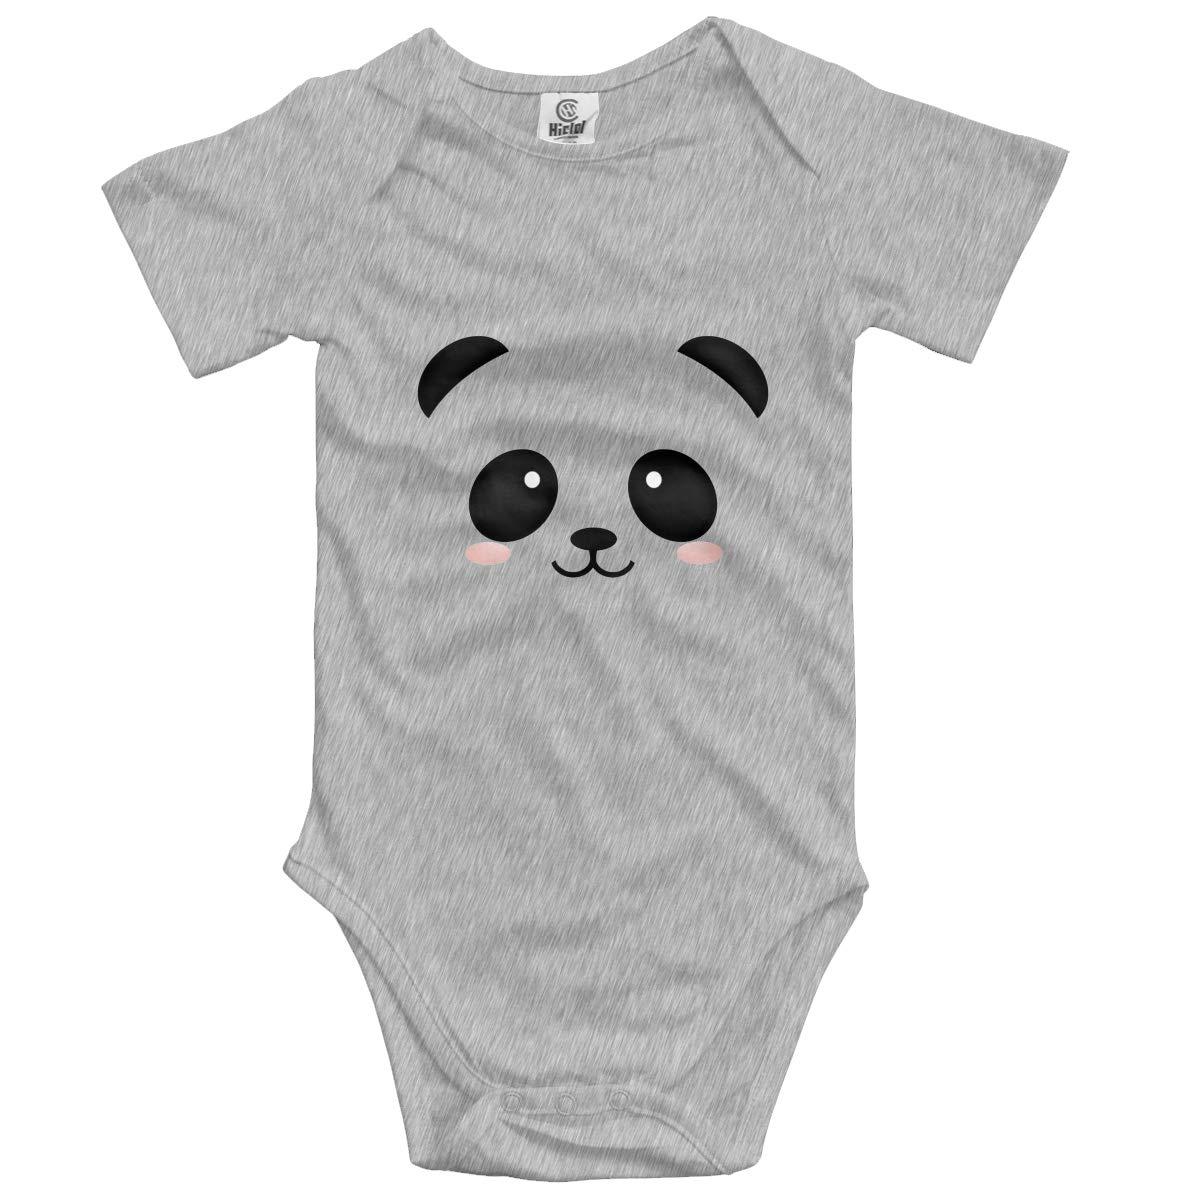 Nanagang Kawaii Panda Babies Short Sleeves Babyclothess Lovely Gray